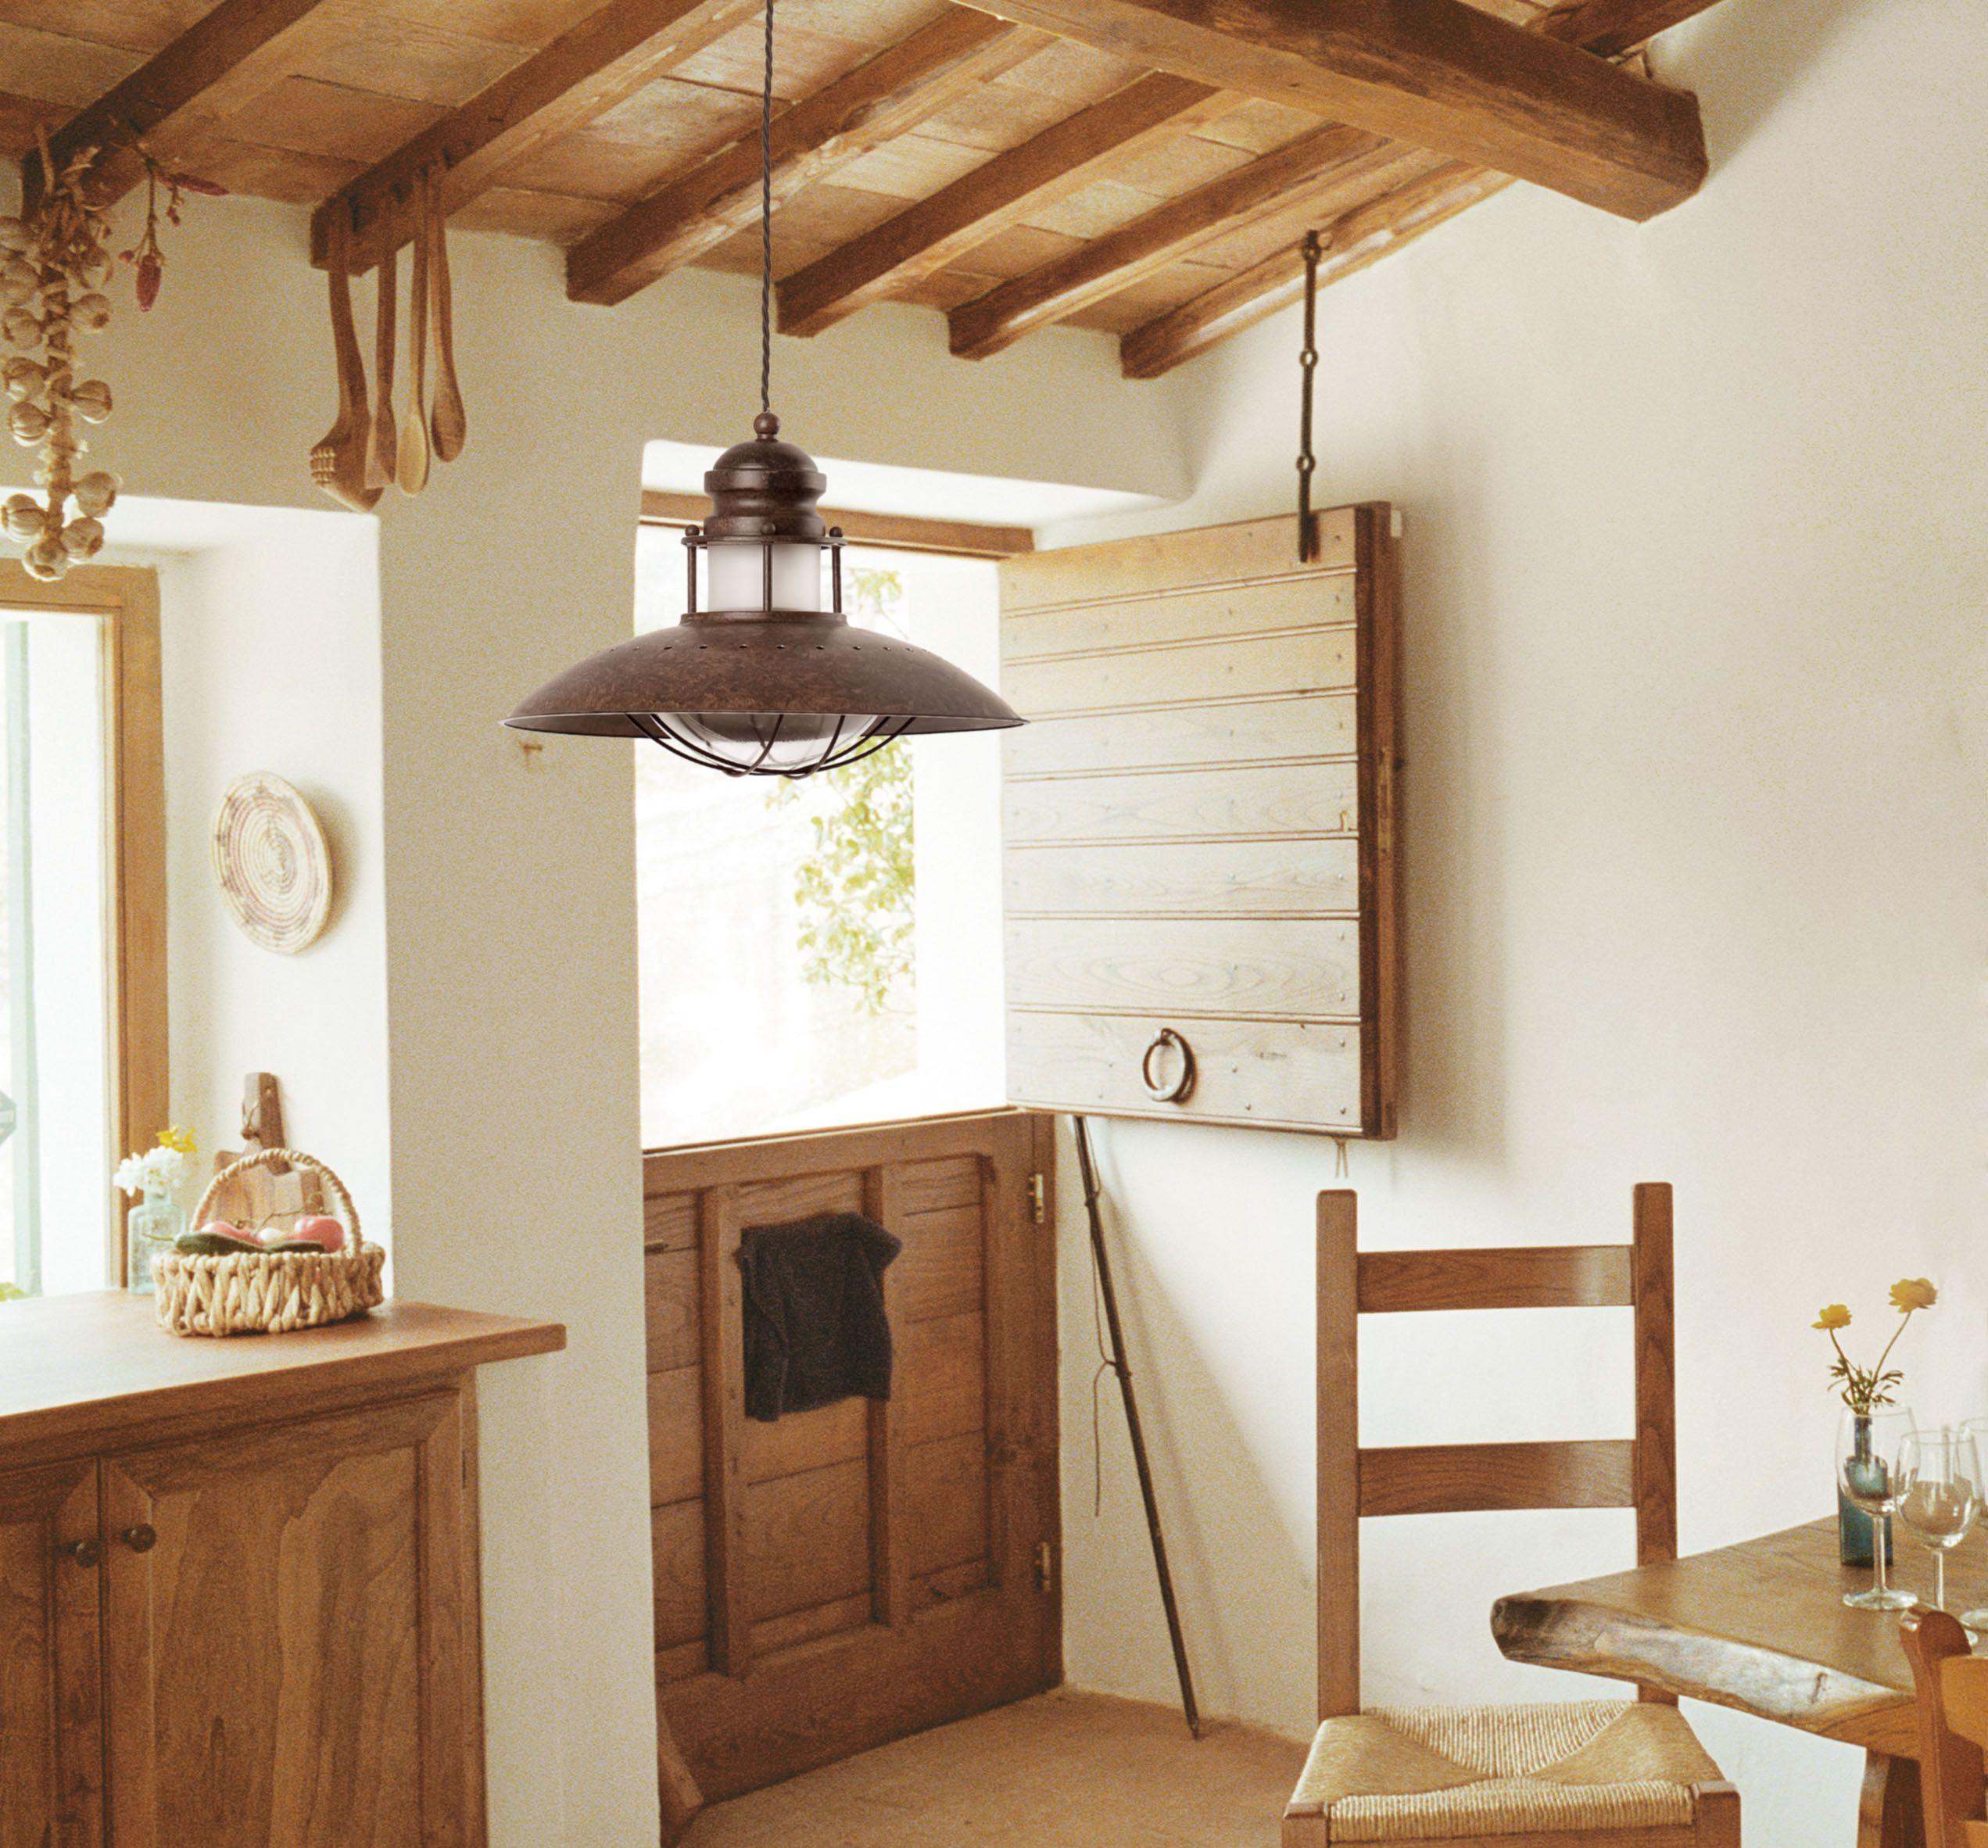 Interiores r scticos con encanto winch outdoor lighting - Interiores con encanto ...